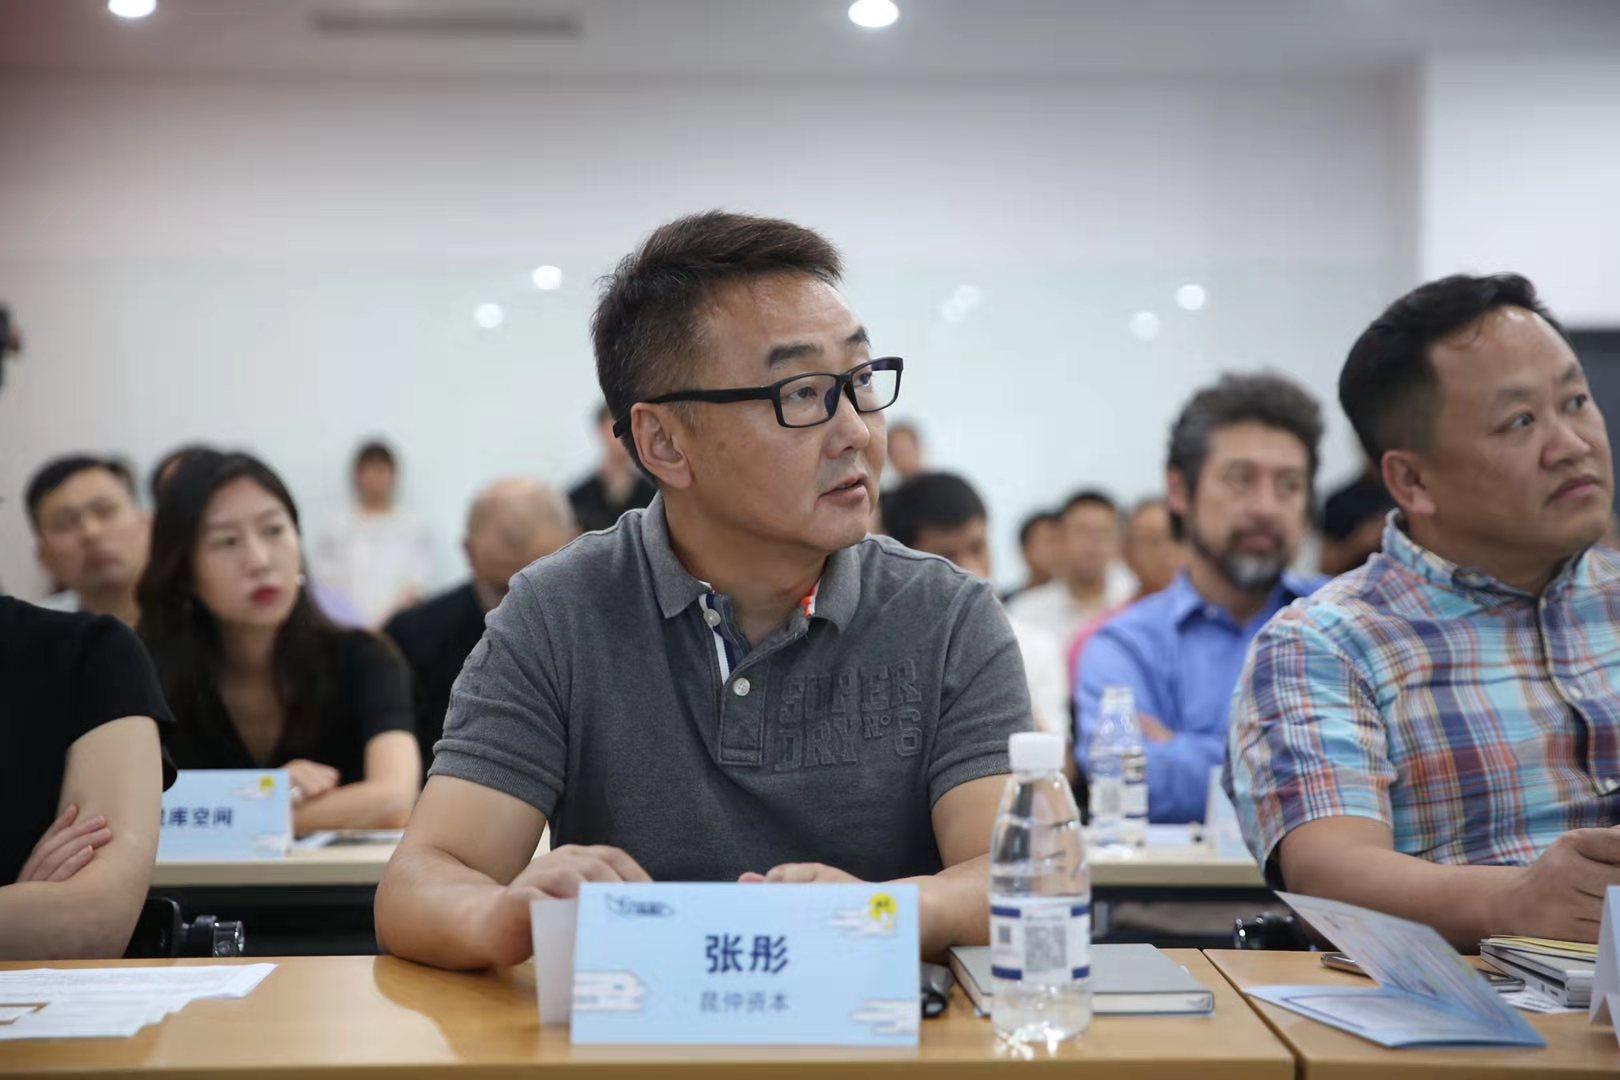 昆仲资本合伙人张彤:AI创业者要以客户为导向,实现商业闭环